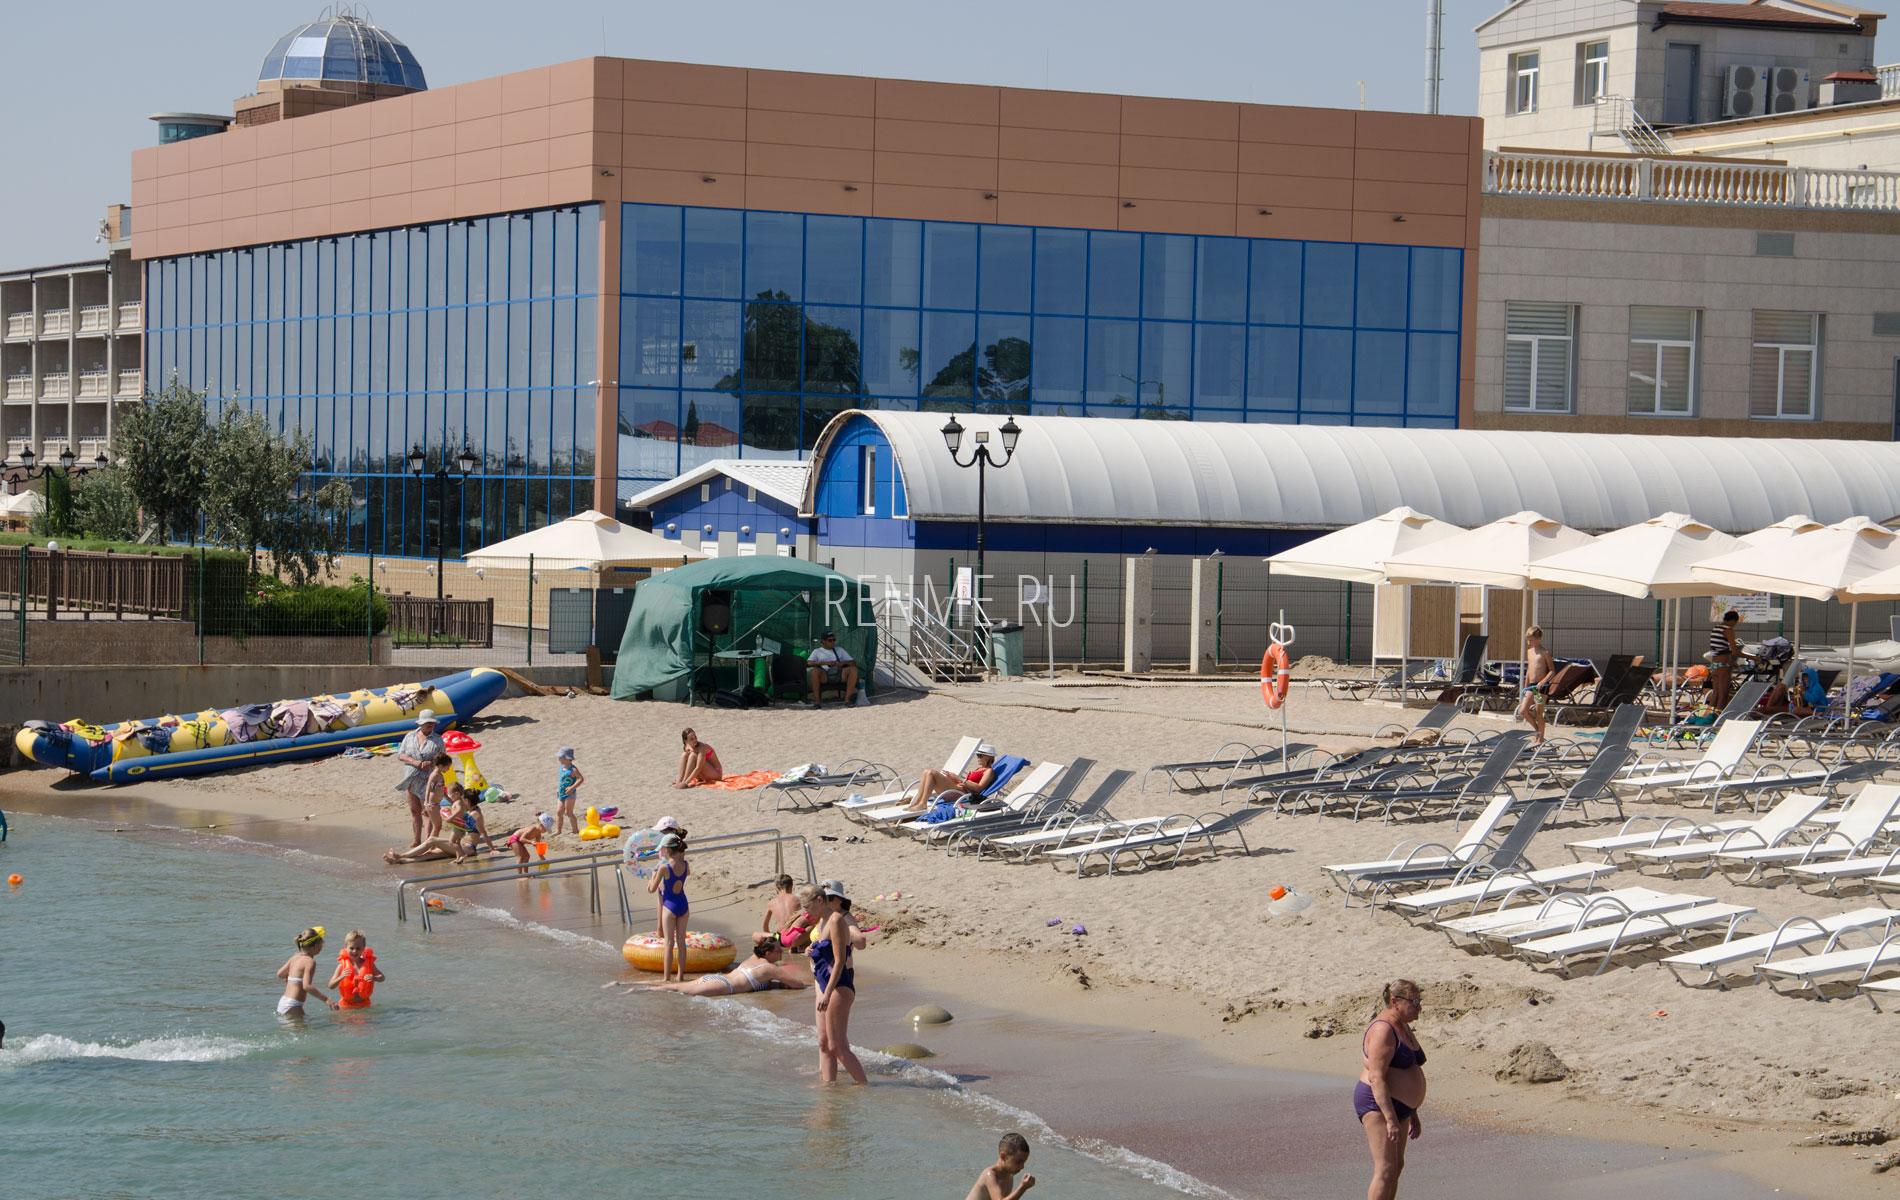 Отель с песчаным пляжем. Фото Евпатории